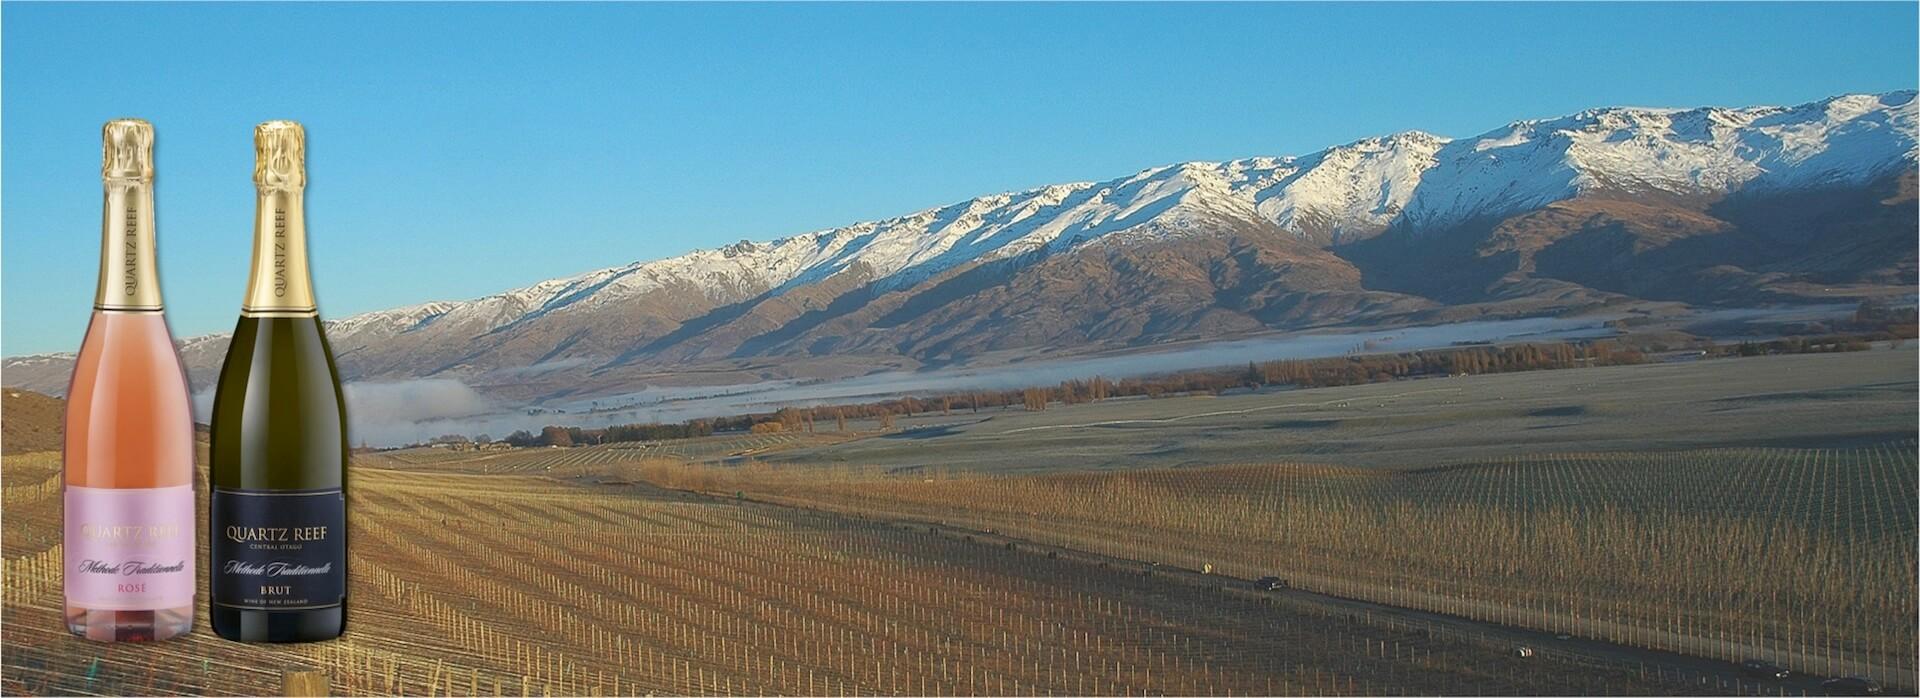 Schaumwein aus Neuseeland